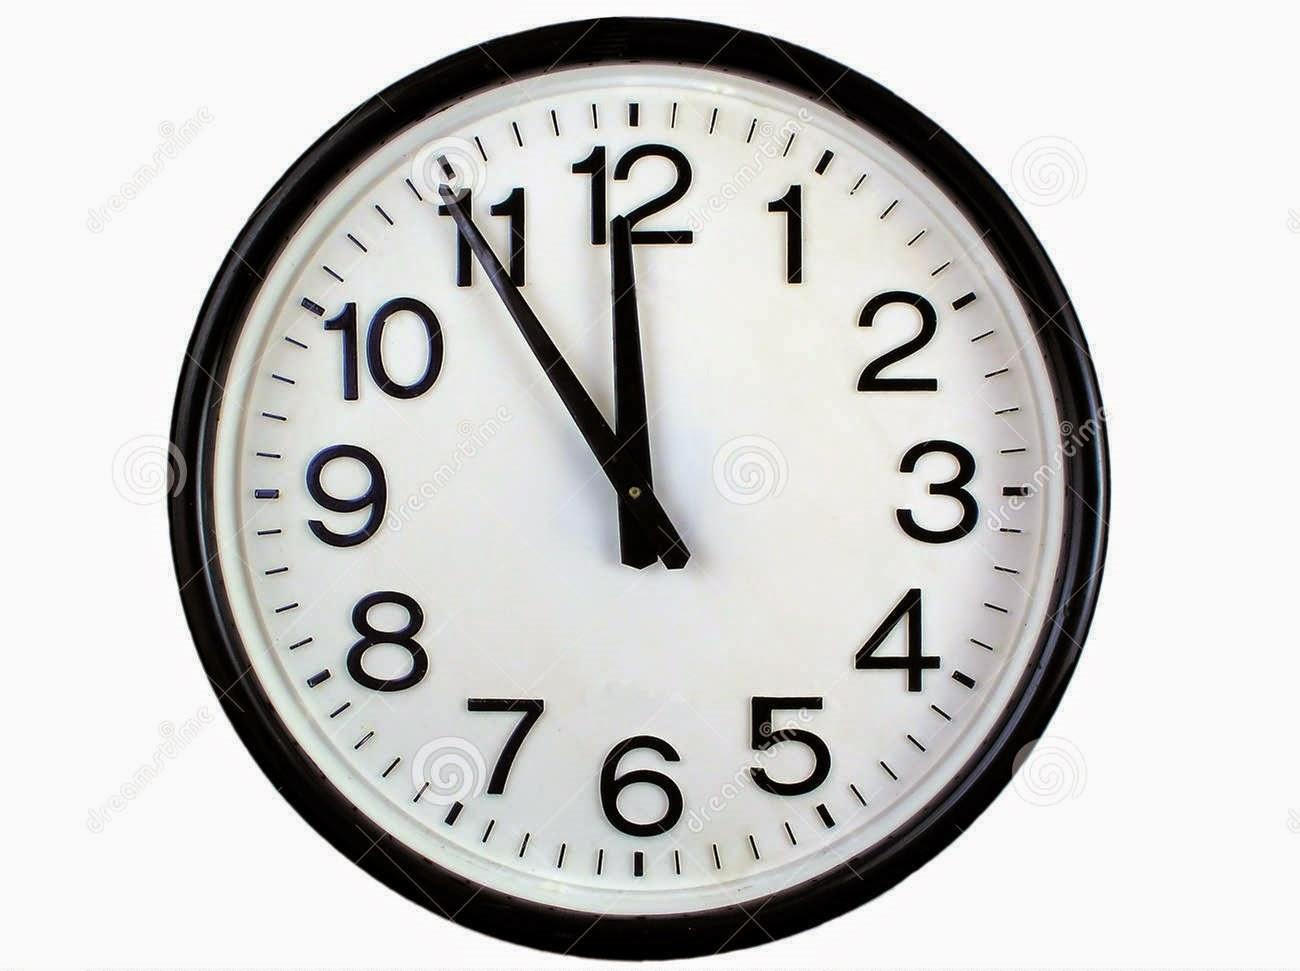 Enroque de ciencia las 10 10 de los relojes razones - Reloj pintado en la pared ...